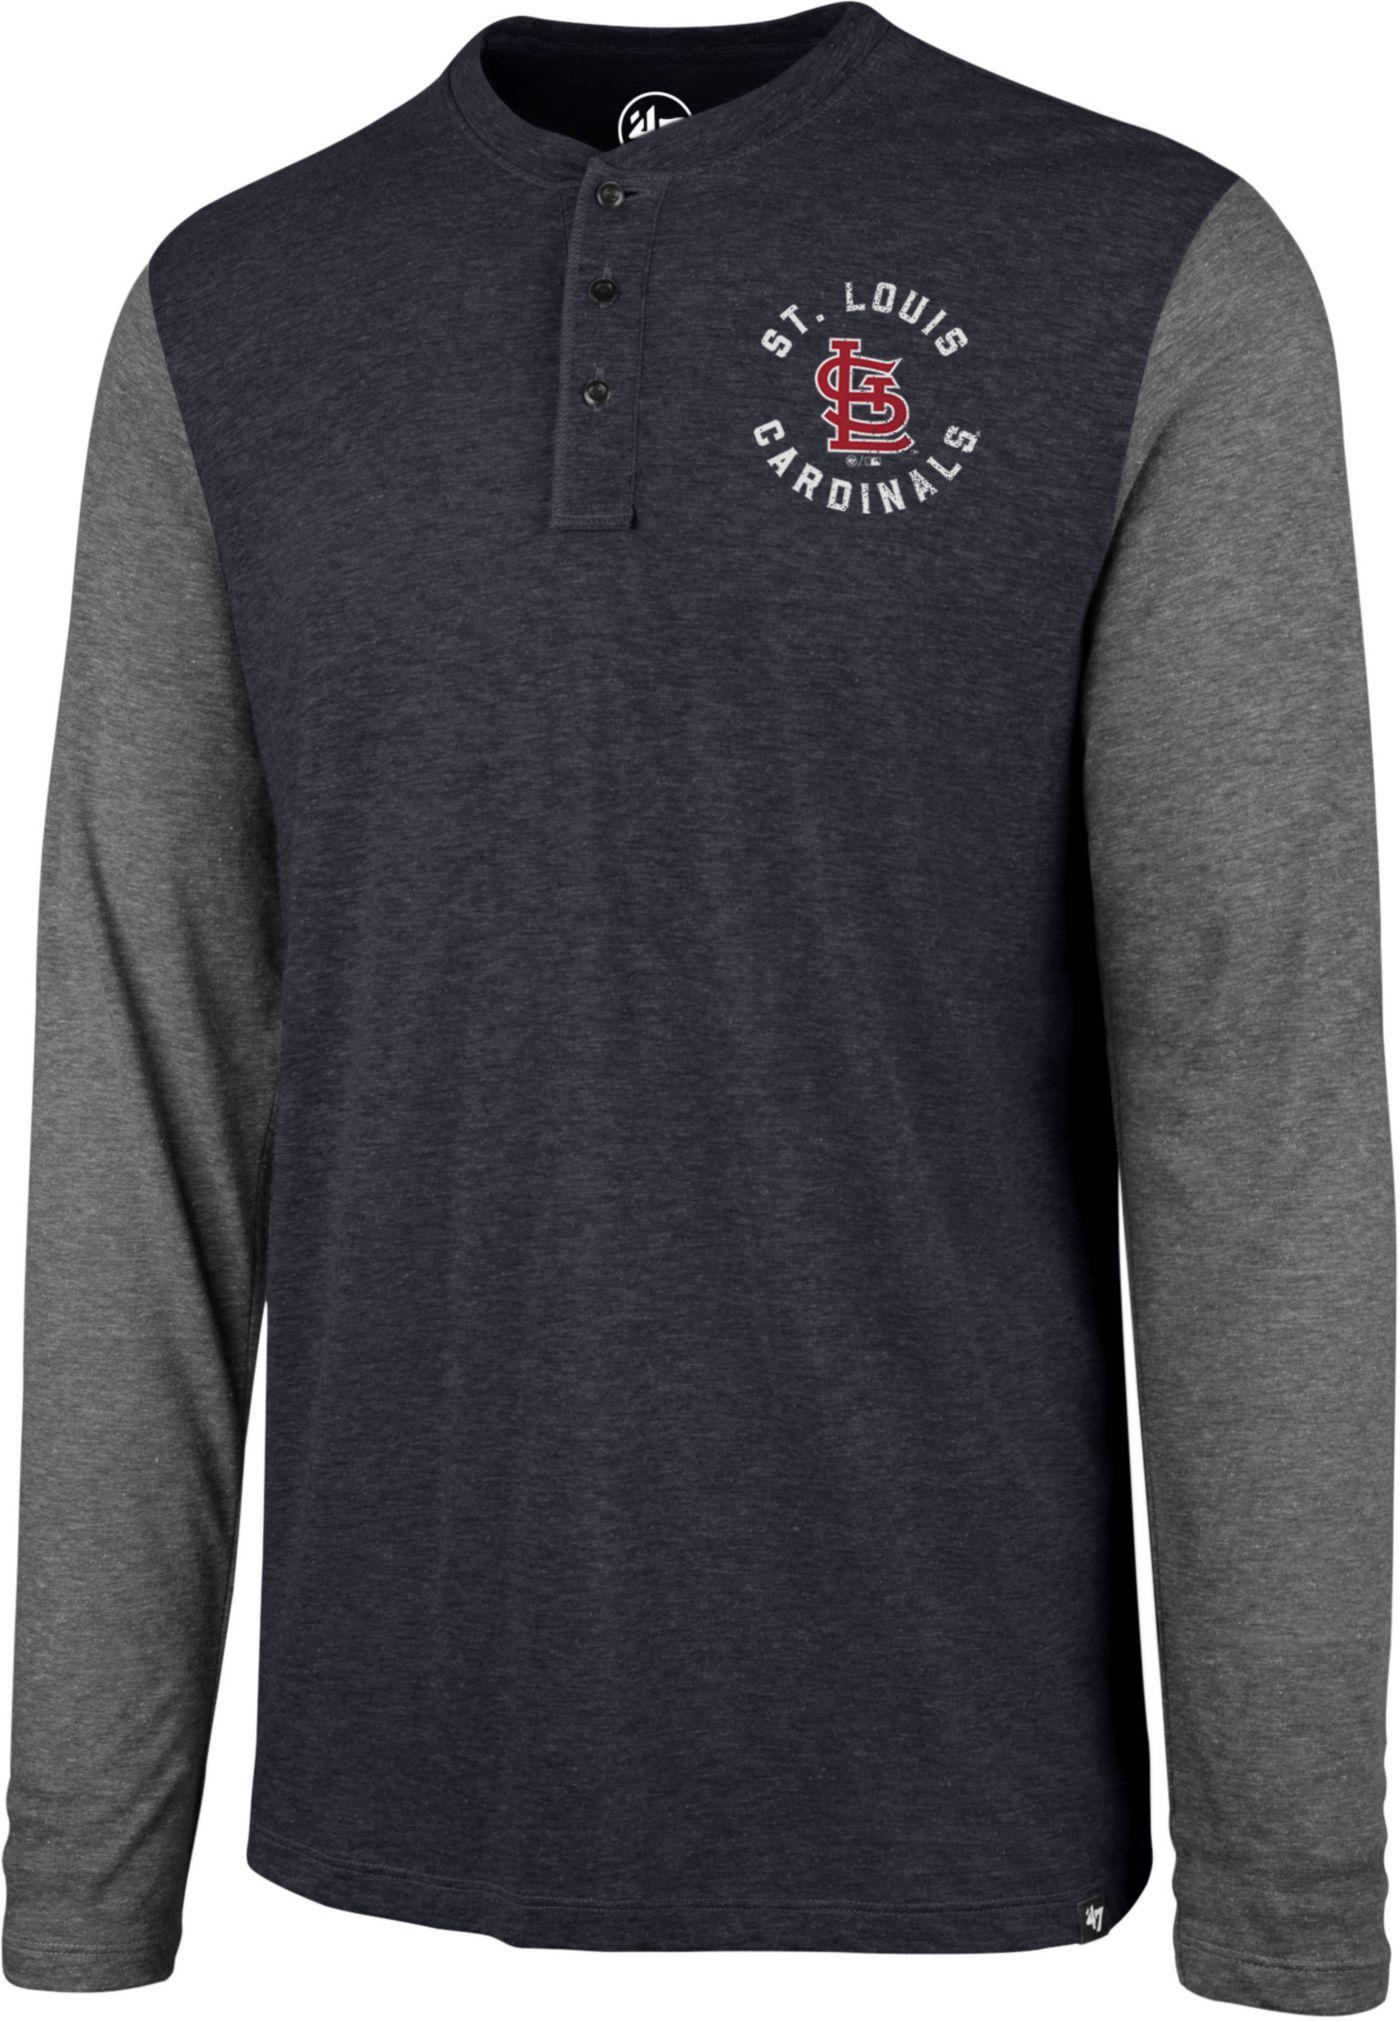 '47 Men's St. Louis Cardinals Henley Long Sleeve Shirt